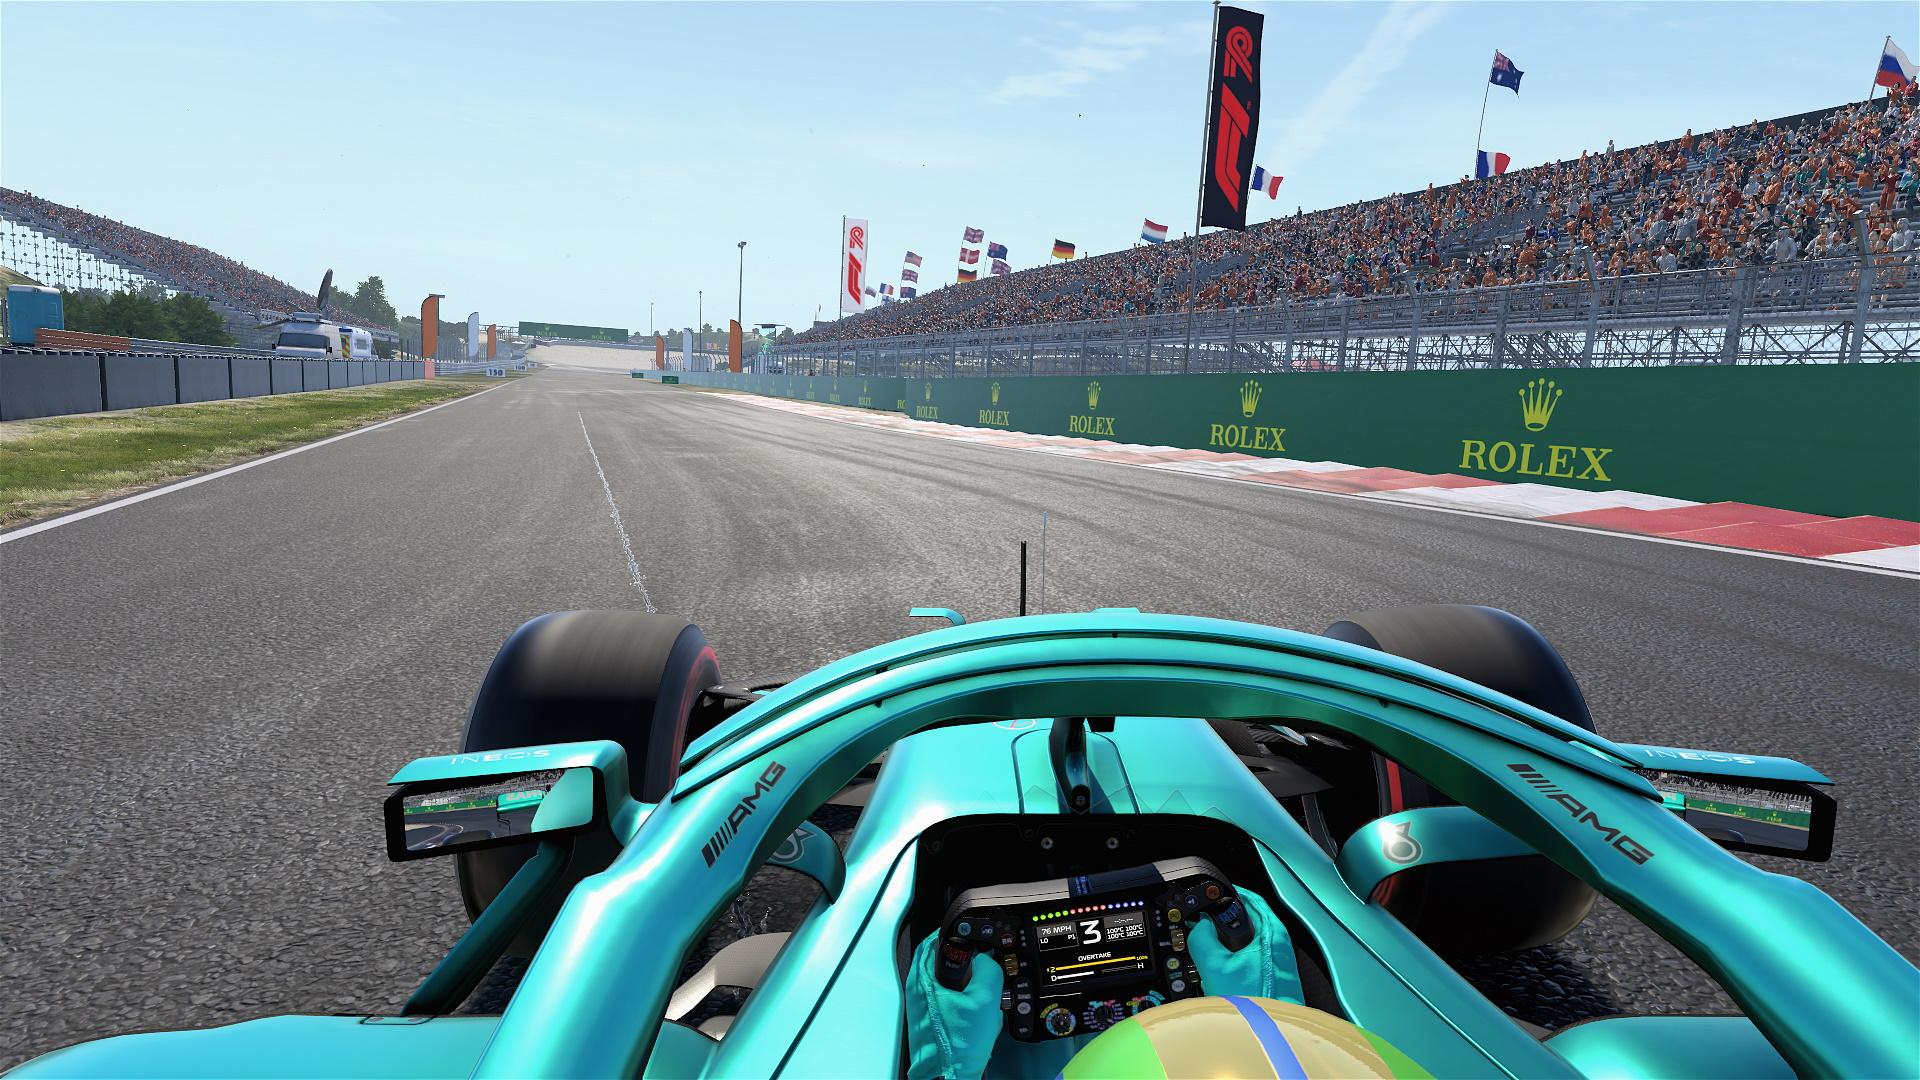 F1 2020 - DX12 Screenshot 2020.12.15 - 19.42.58.09.jpg